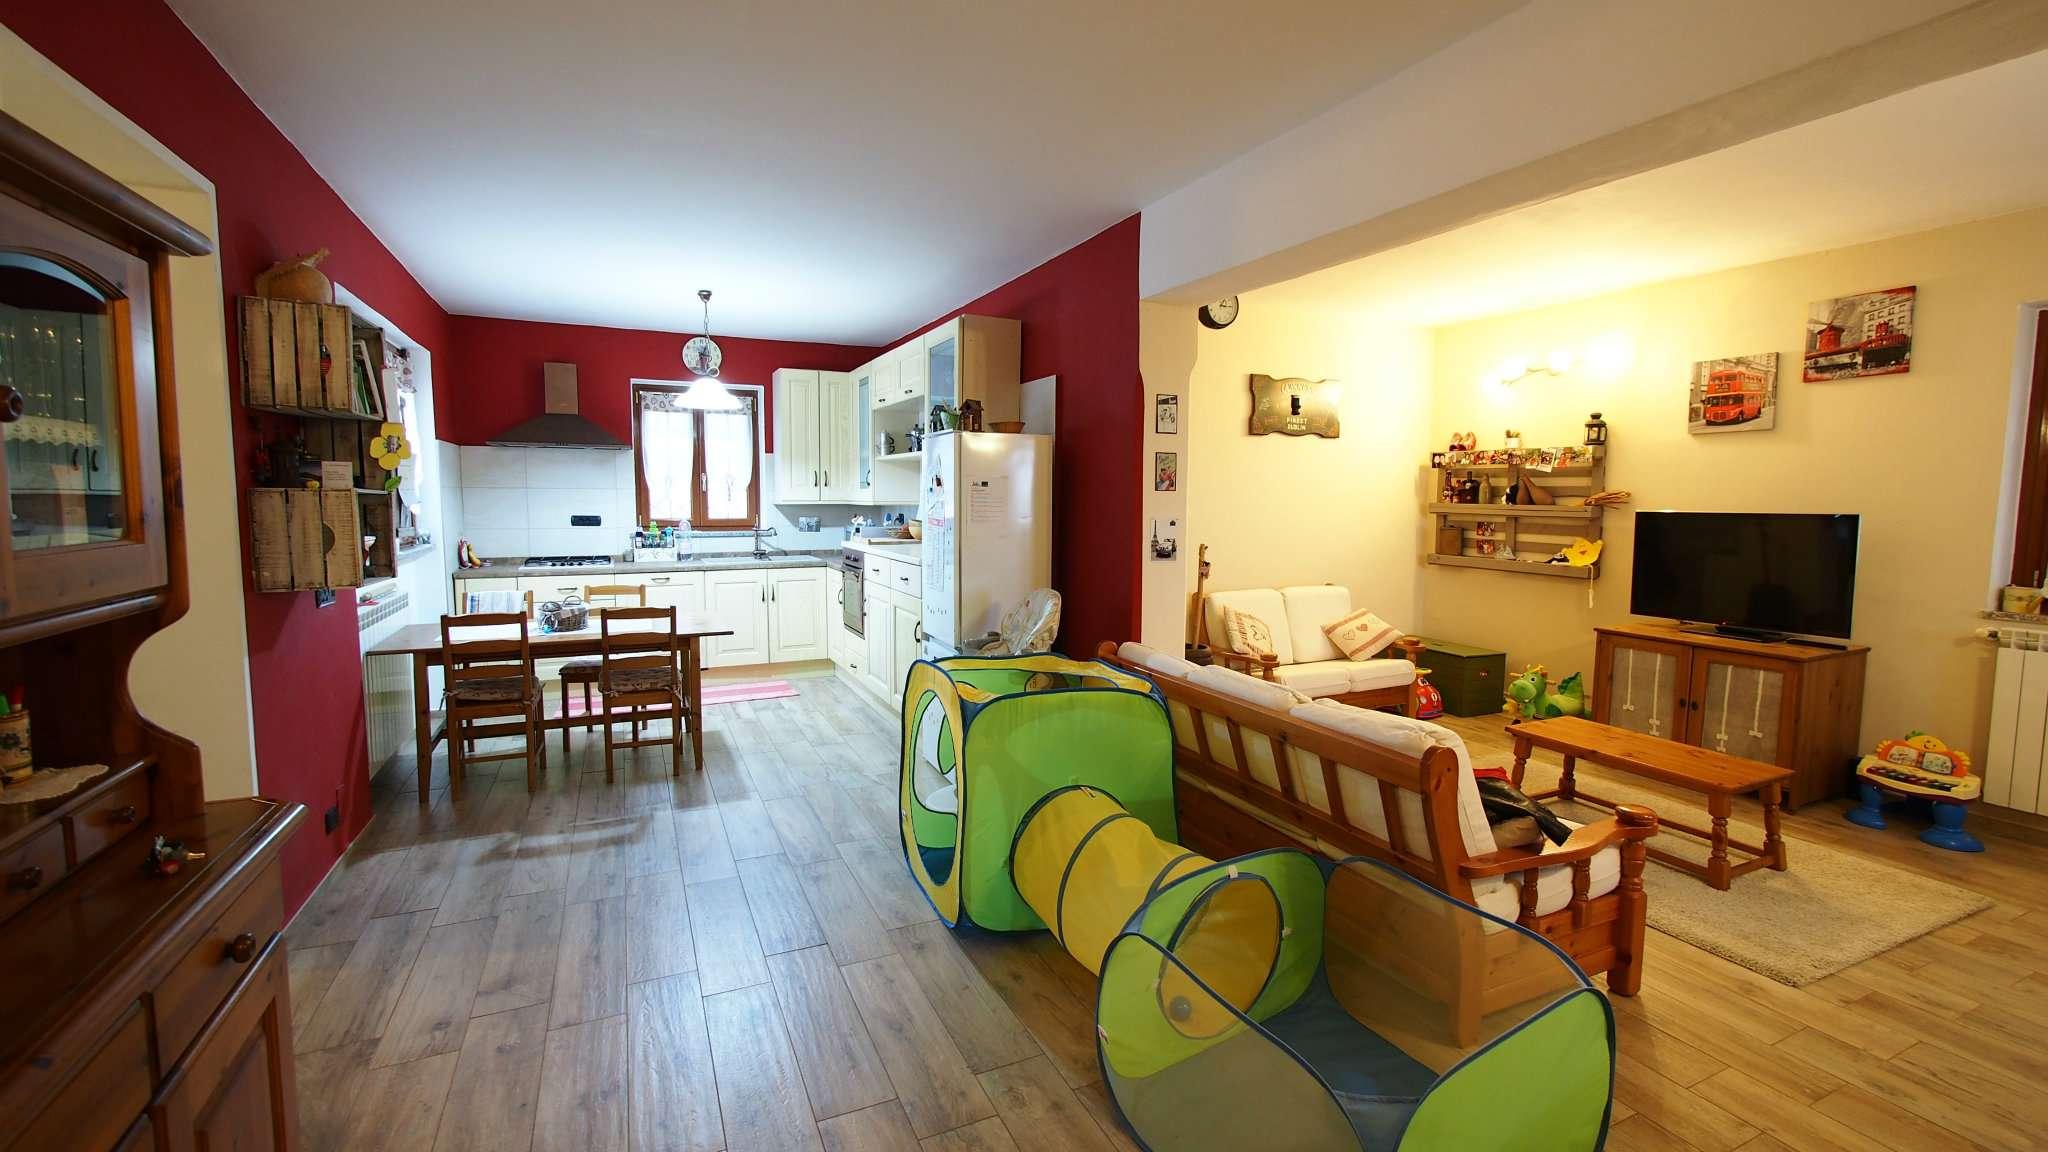 Casa indipendente in Vendita a Cantalupa: 5 locali, 120 mq